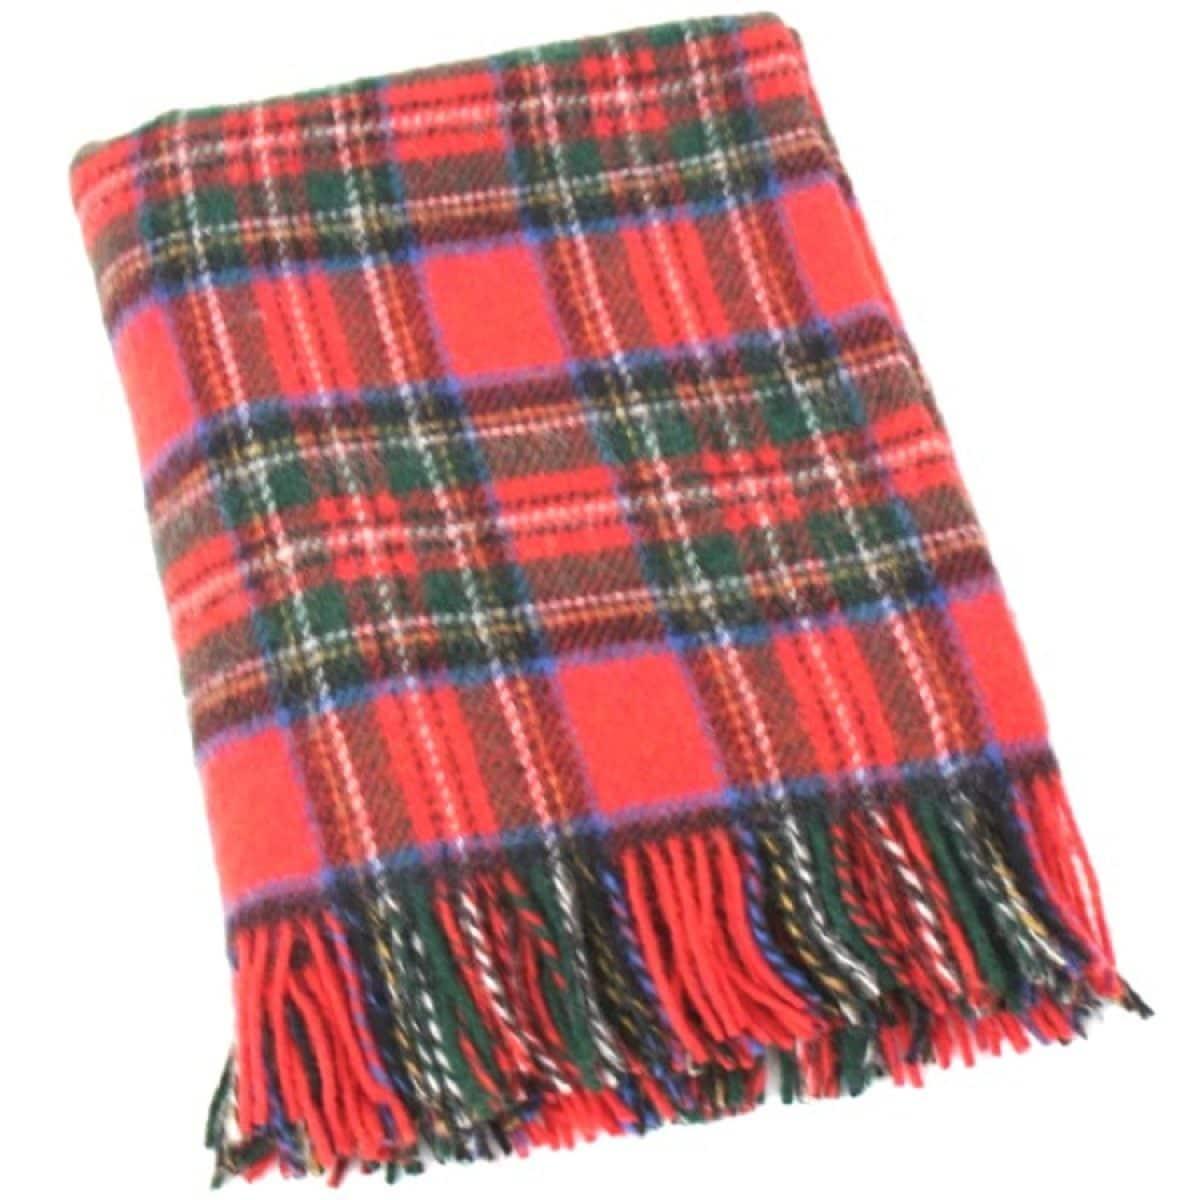 Wool Blanket - Royal